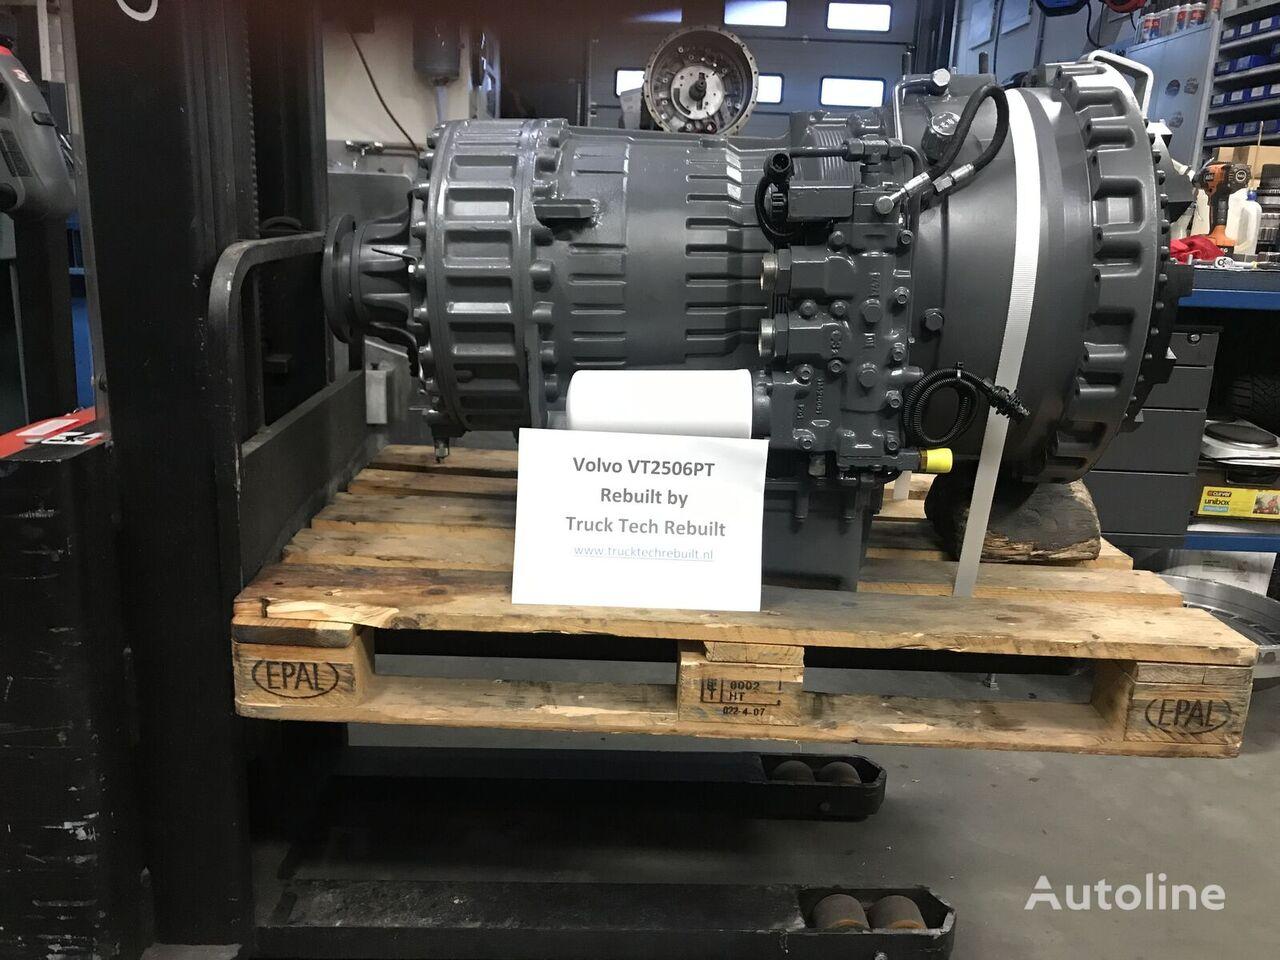 VOLVO VT2506PT (VT2506PT) växellåda till VOLVO FH12 Fh13 FH16 FM9 FM11 FM12 lastbil